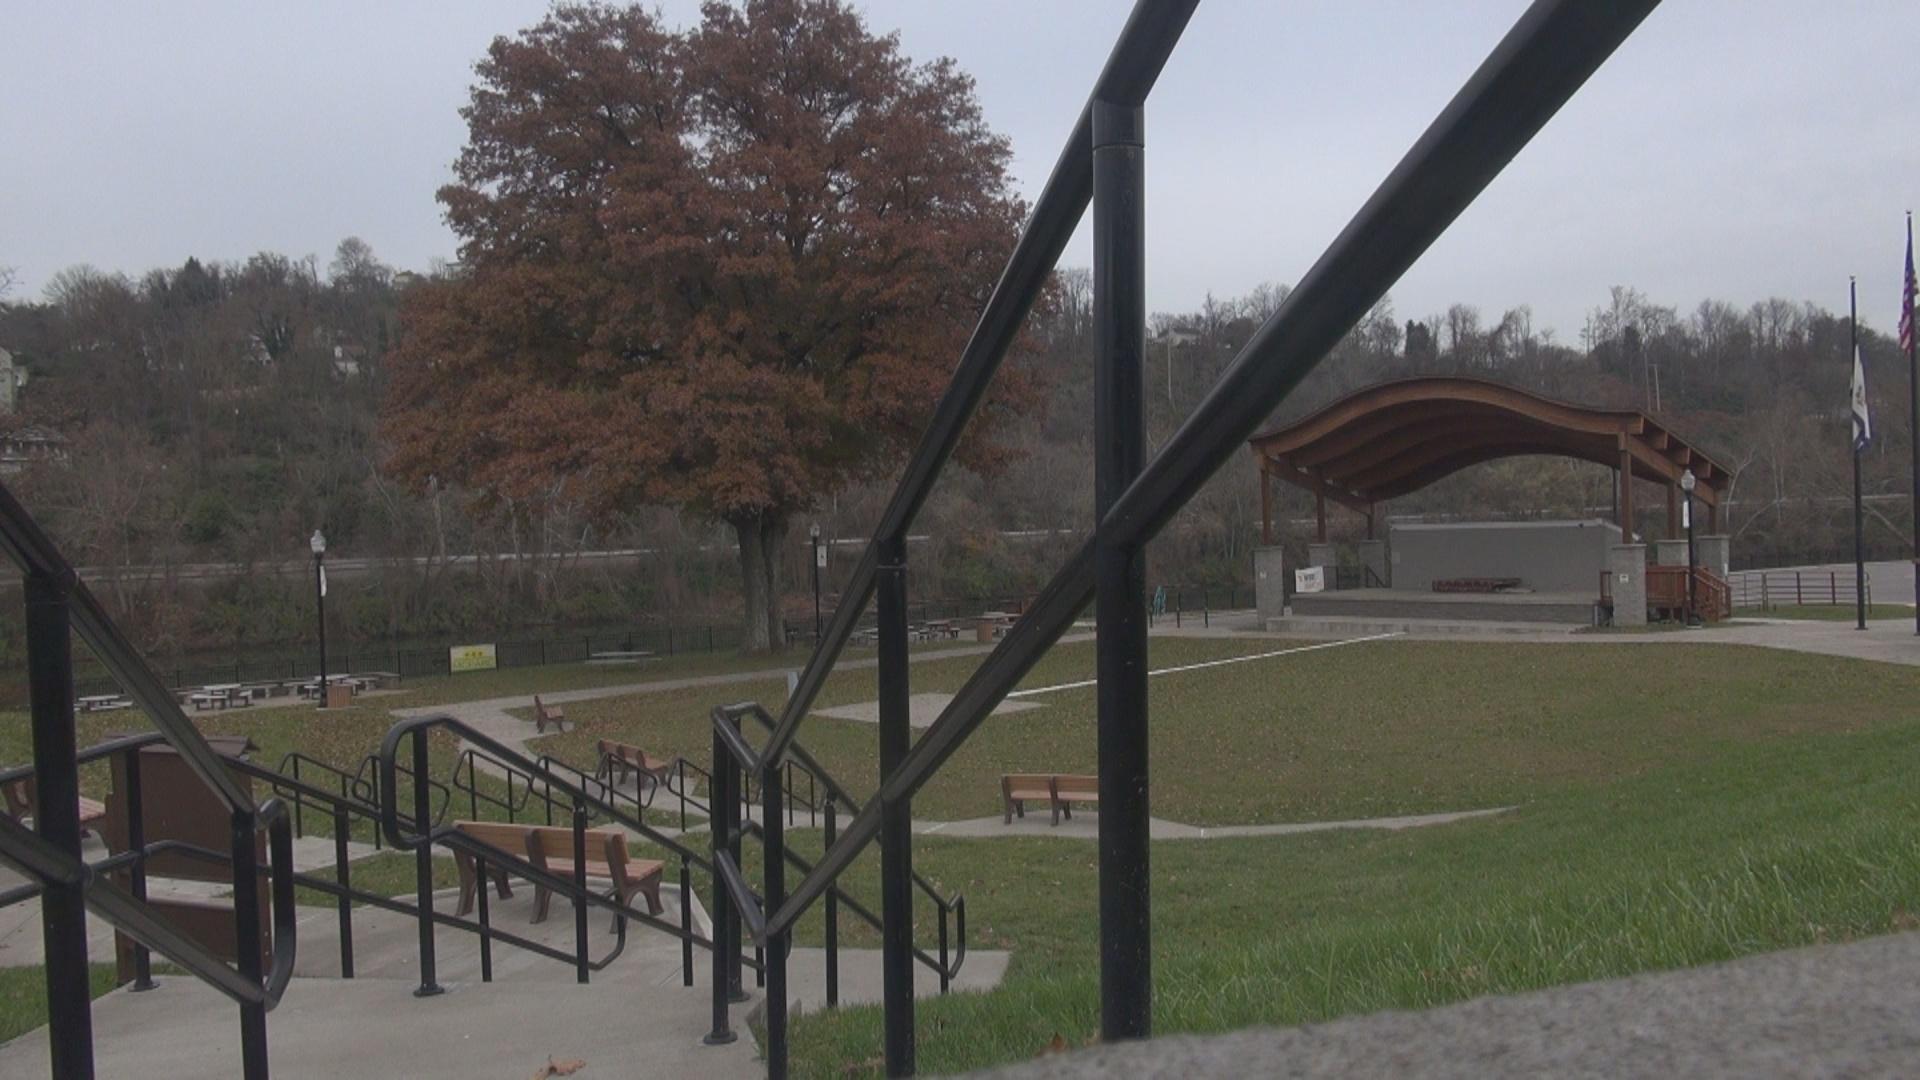 Palatine Park